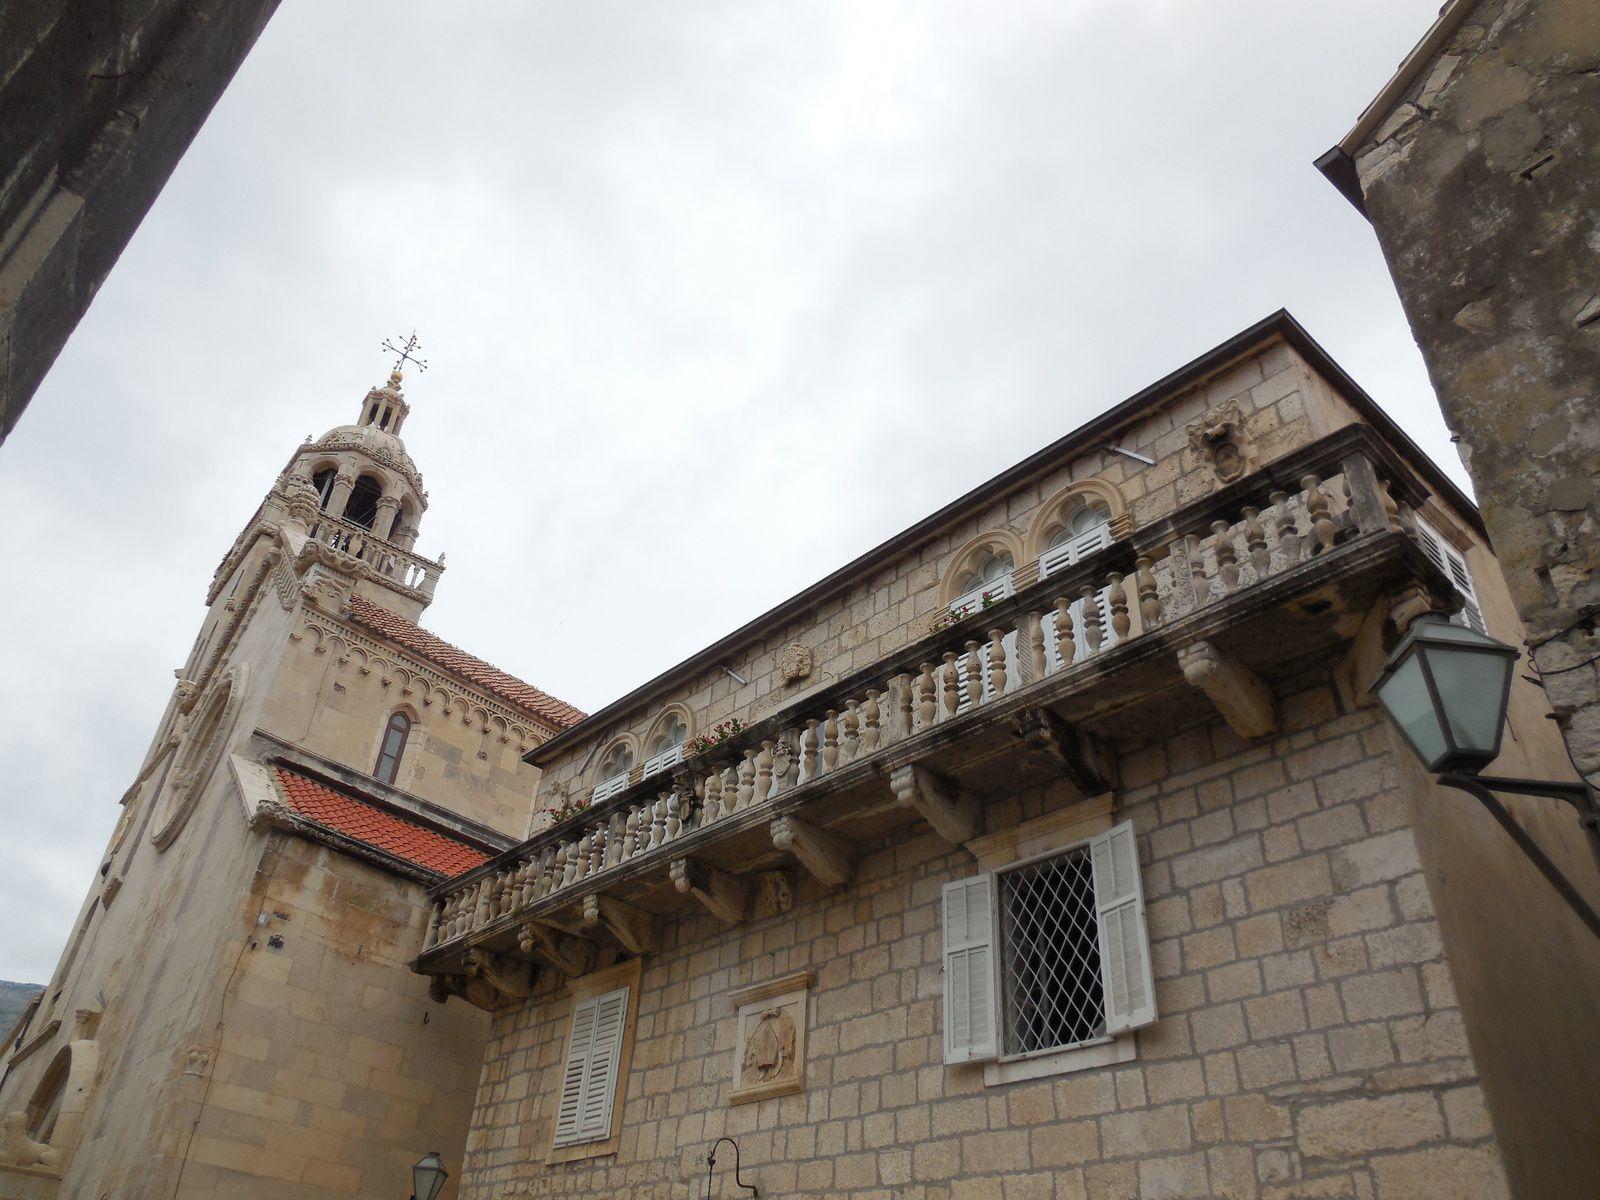 Clocher de la cathédrale St Marc. Cathédrale du XVème siècle dans un style mêlant Gothique et Renaissance